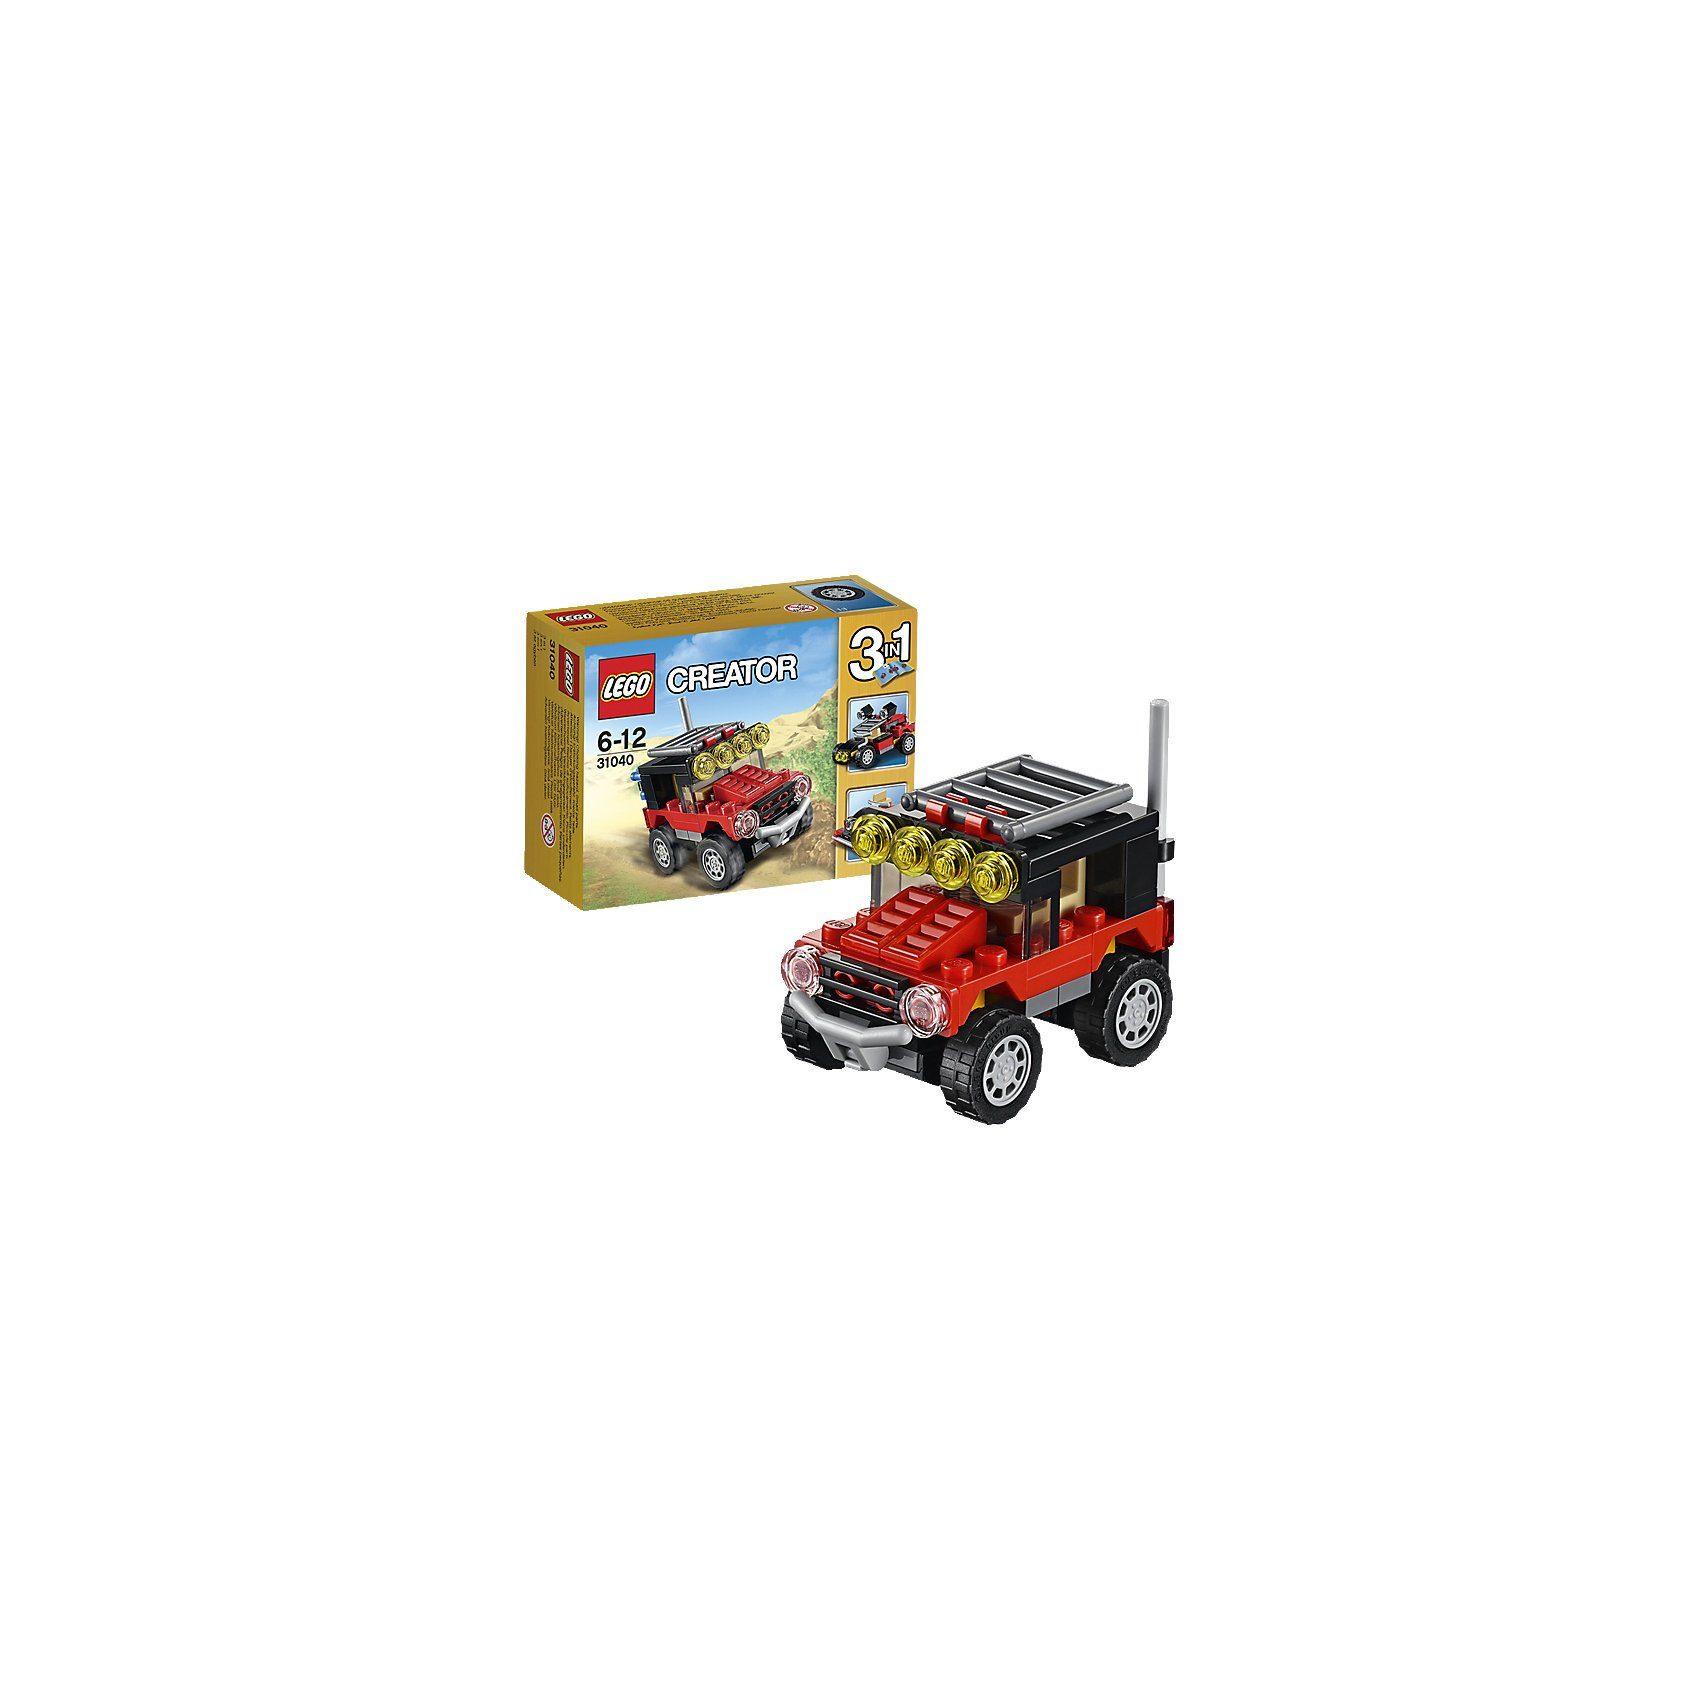 LEGO 31040 Creator Wüstenflitzer